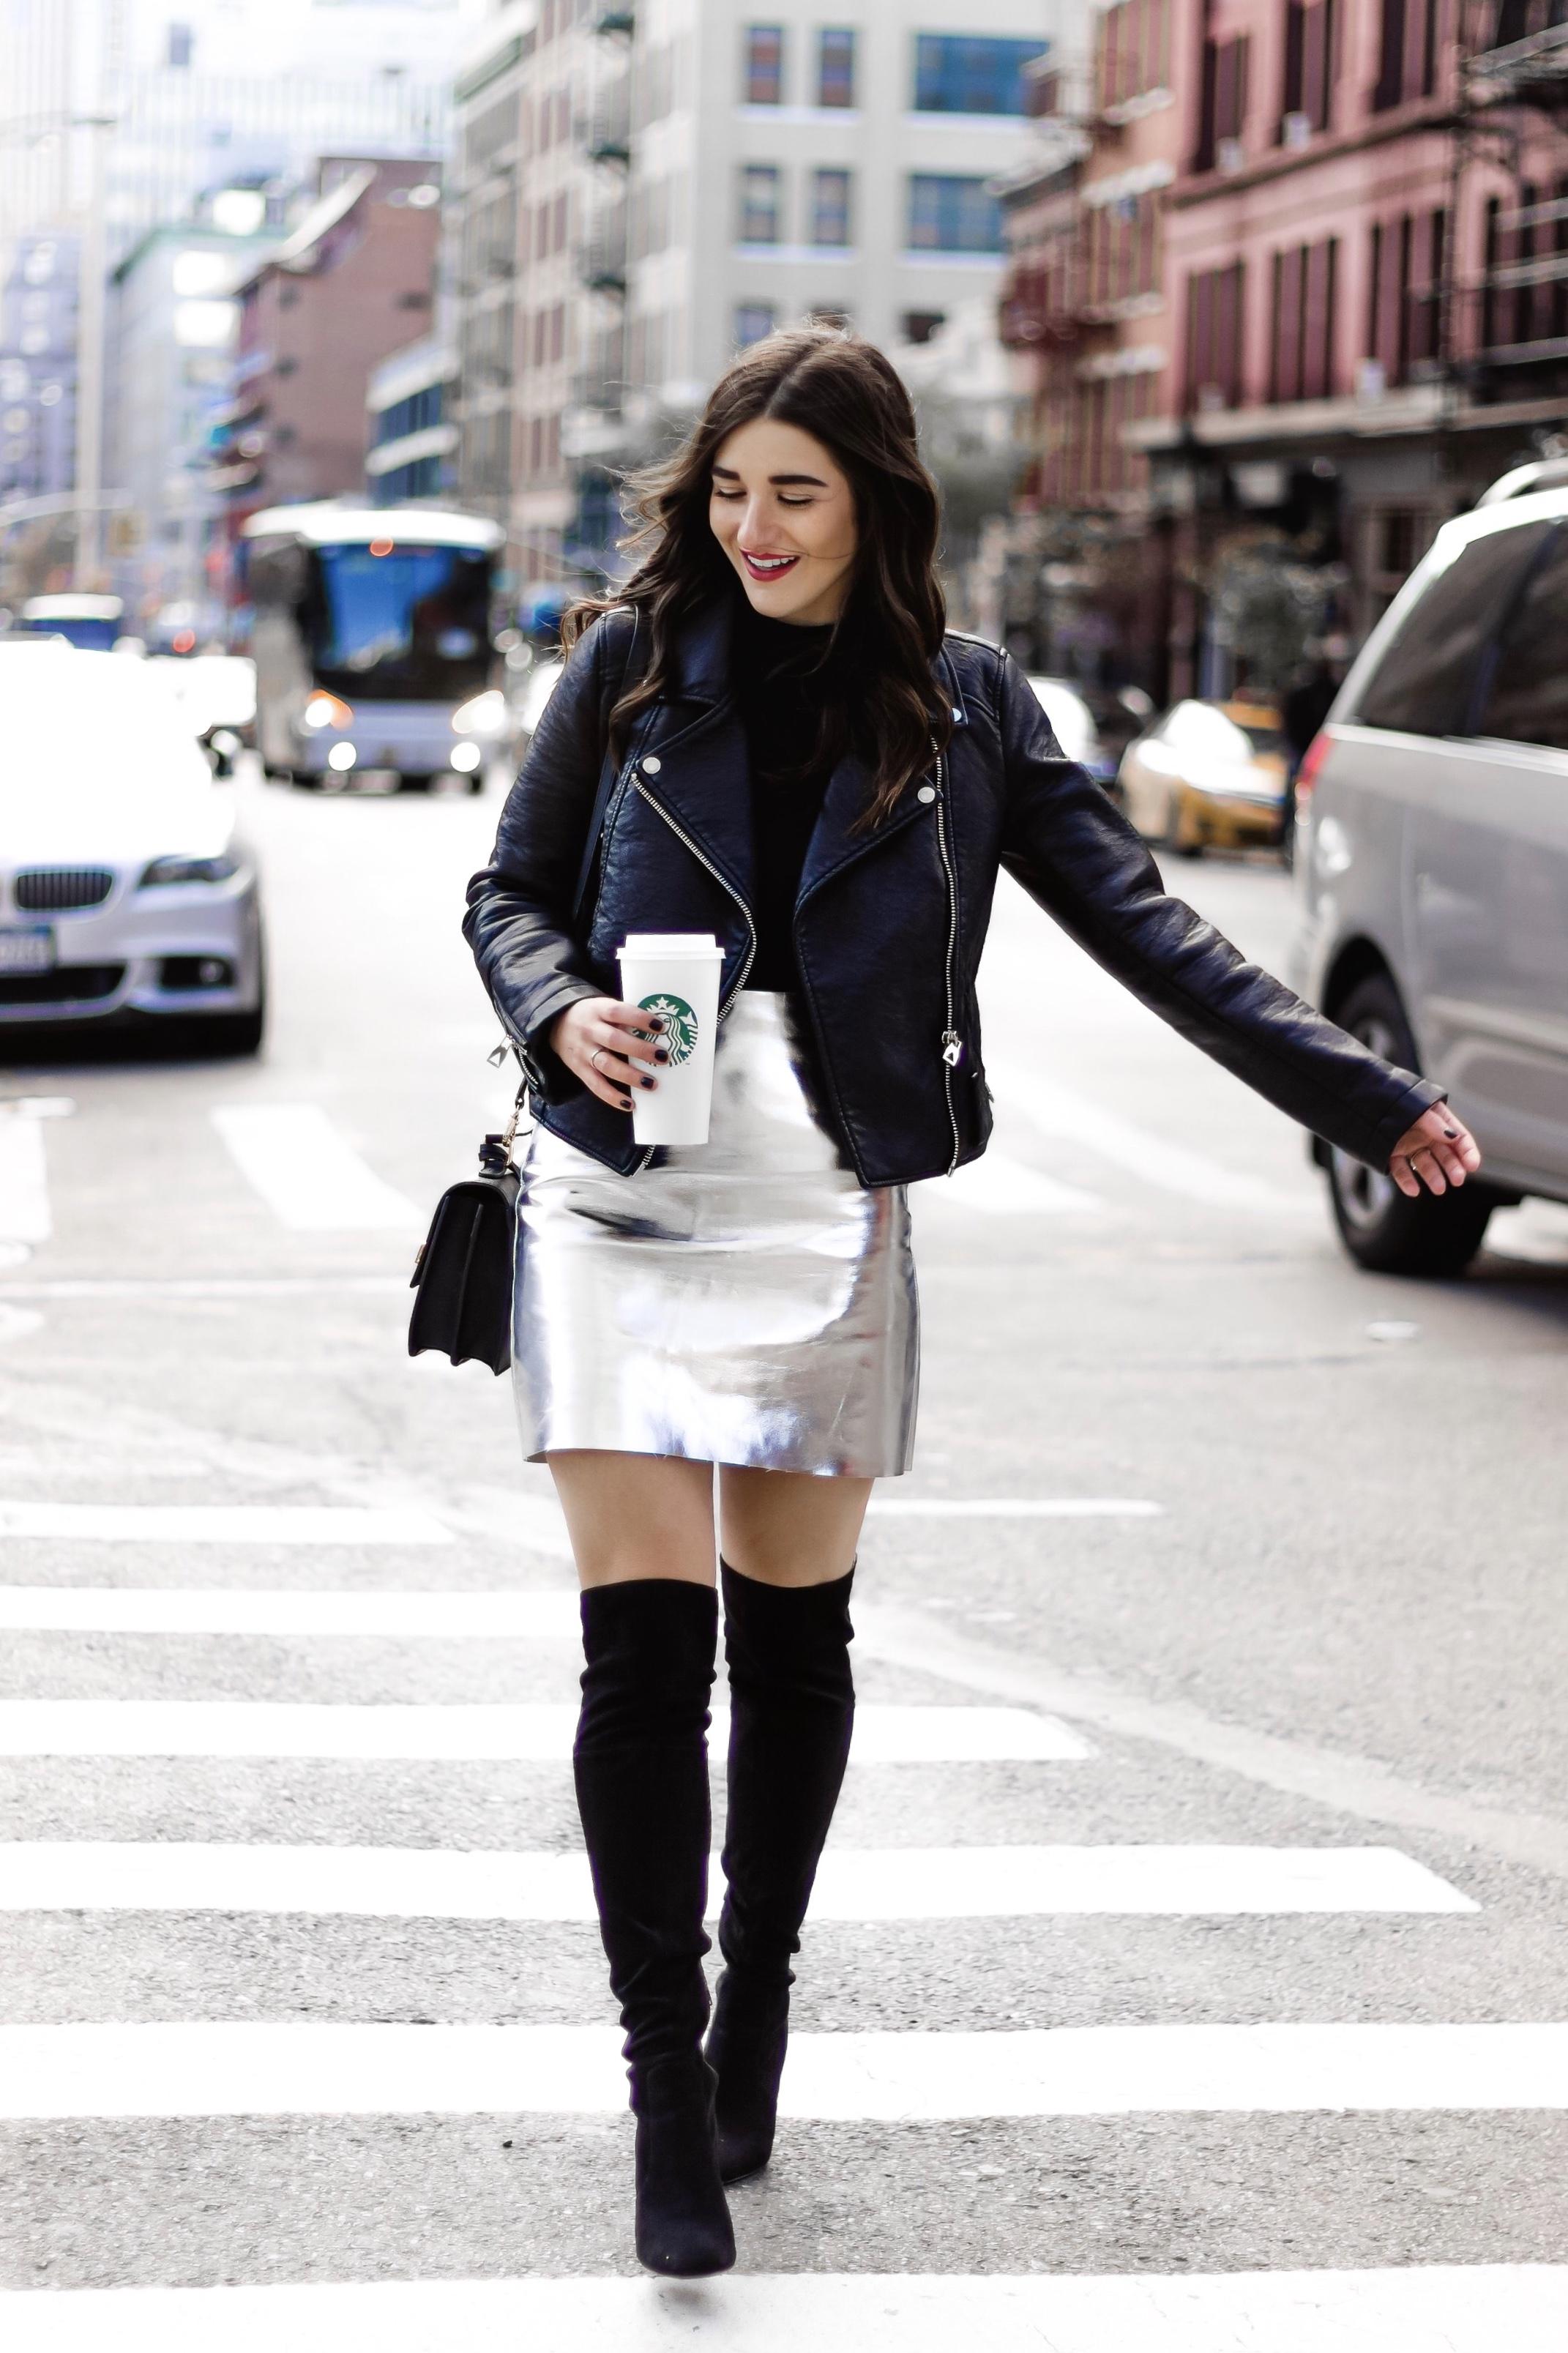 98de5a51cbd Metallic Mini Skirt + Black Moto Jacket // April 2018 Blogging Goals ...